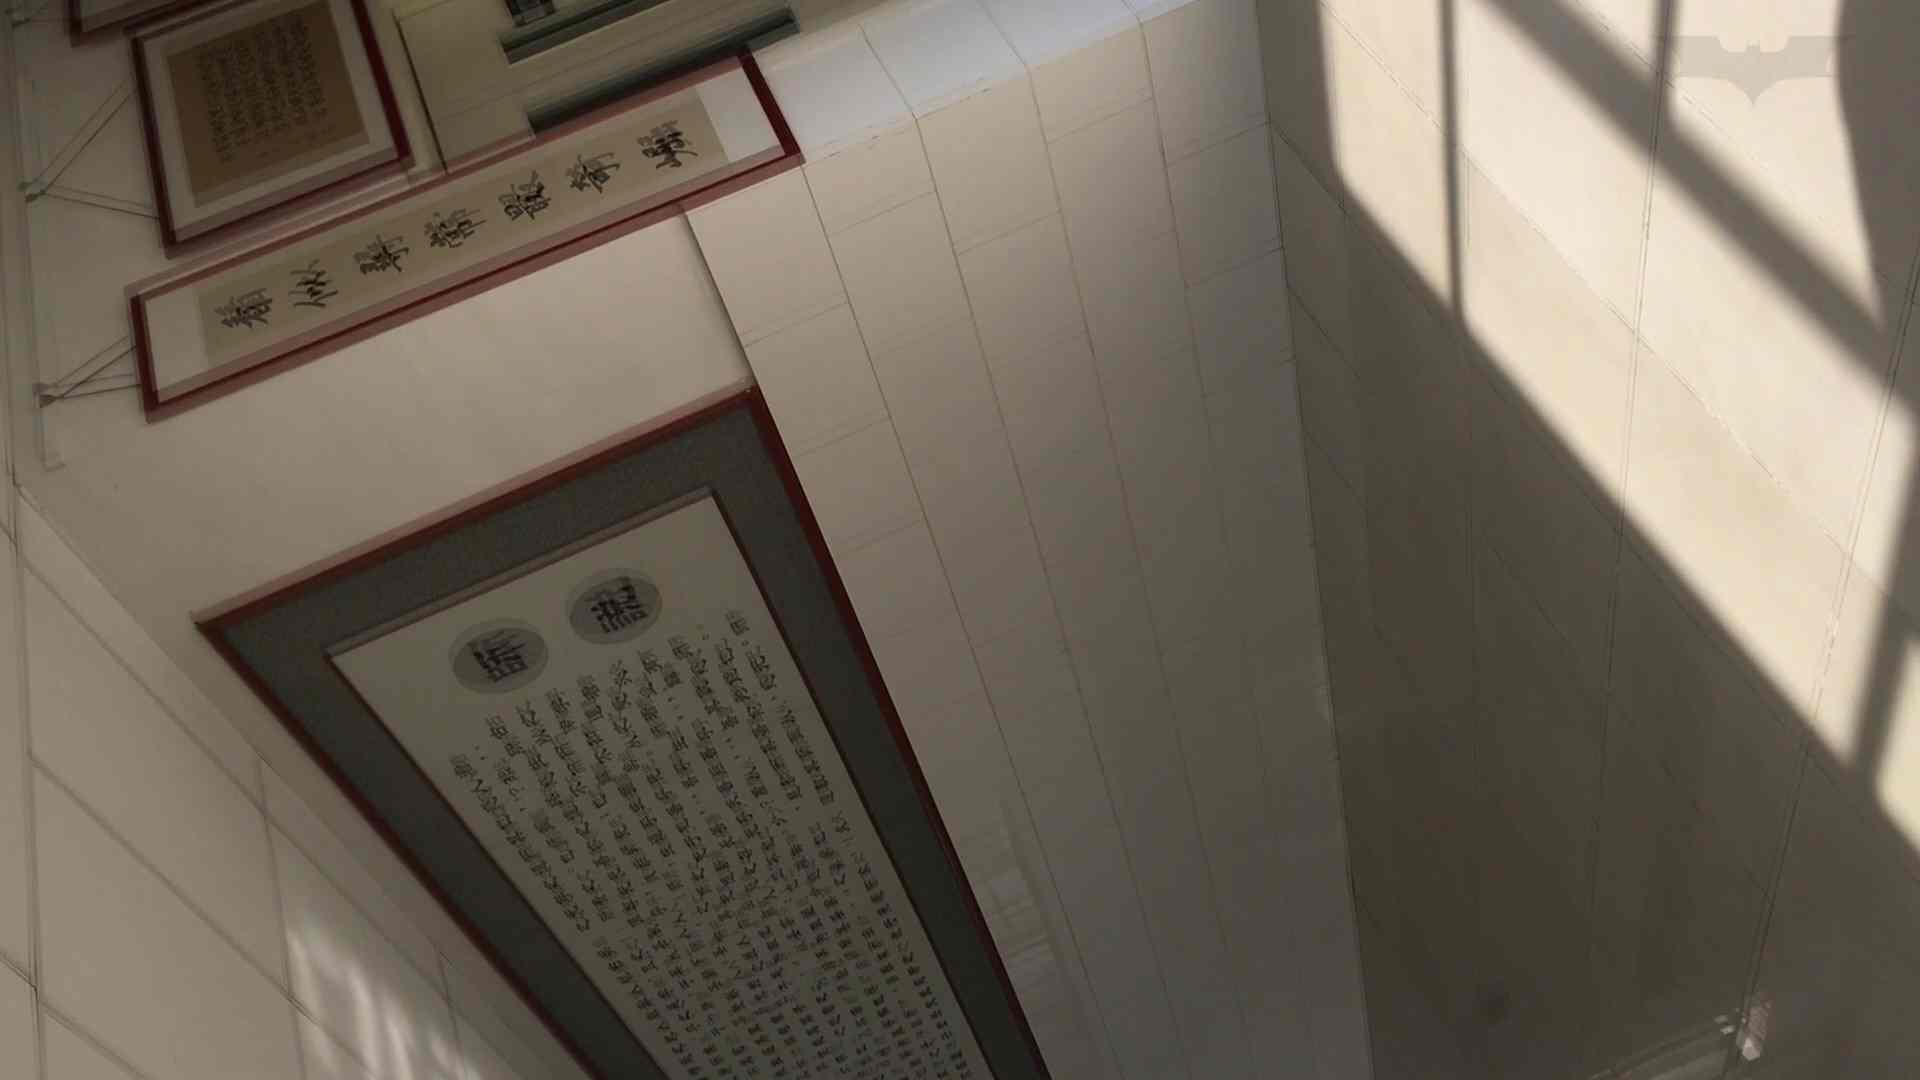 芸術大学ガチ潜入盗撮 JD盗撮 美女の洗面所の秘密 Vol.91 トイレ  84pic 15